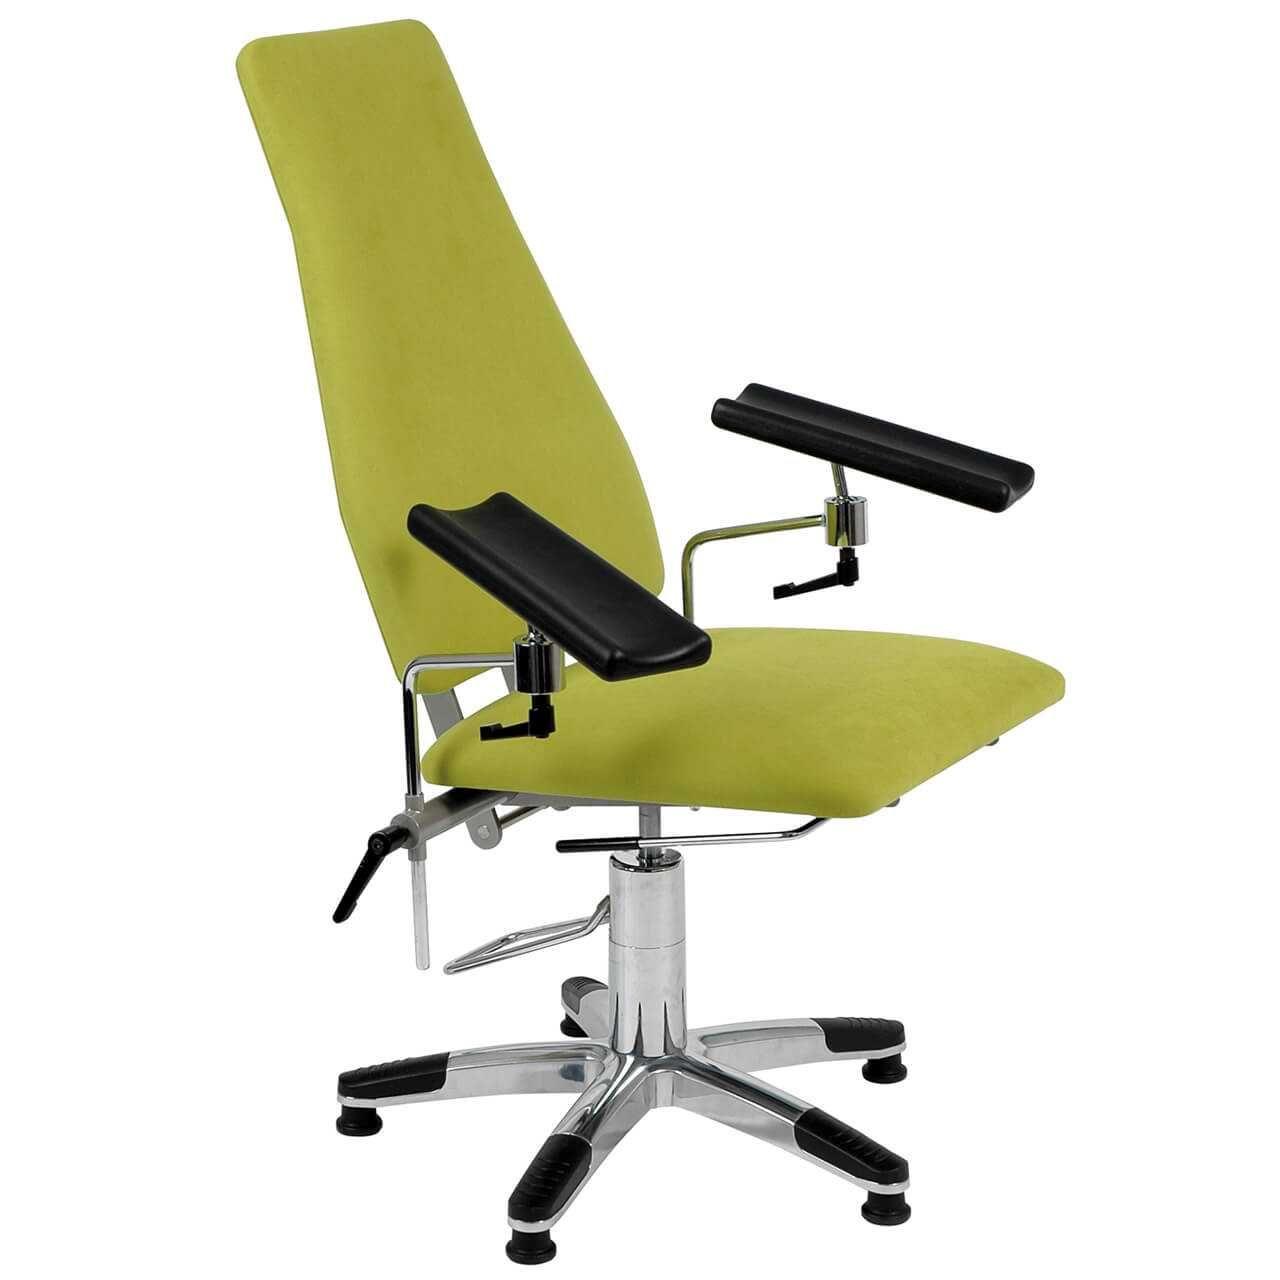 Prikstoel vario hydro werkstoelen ARTNRNNB 0000s 0000 Schuin